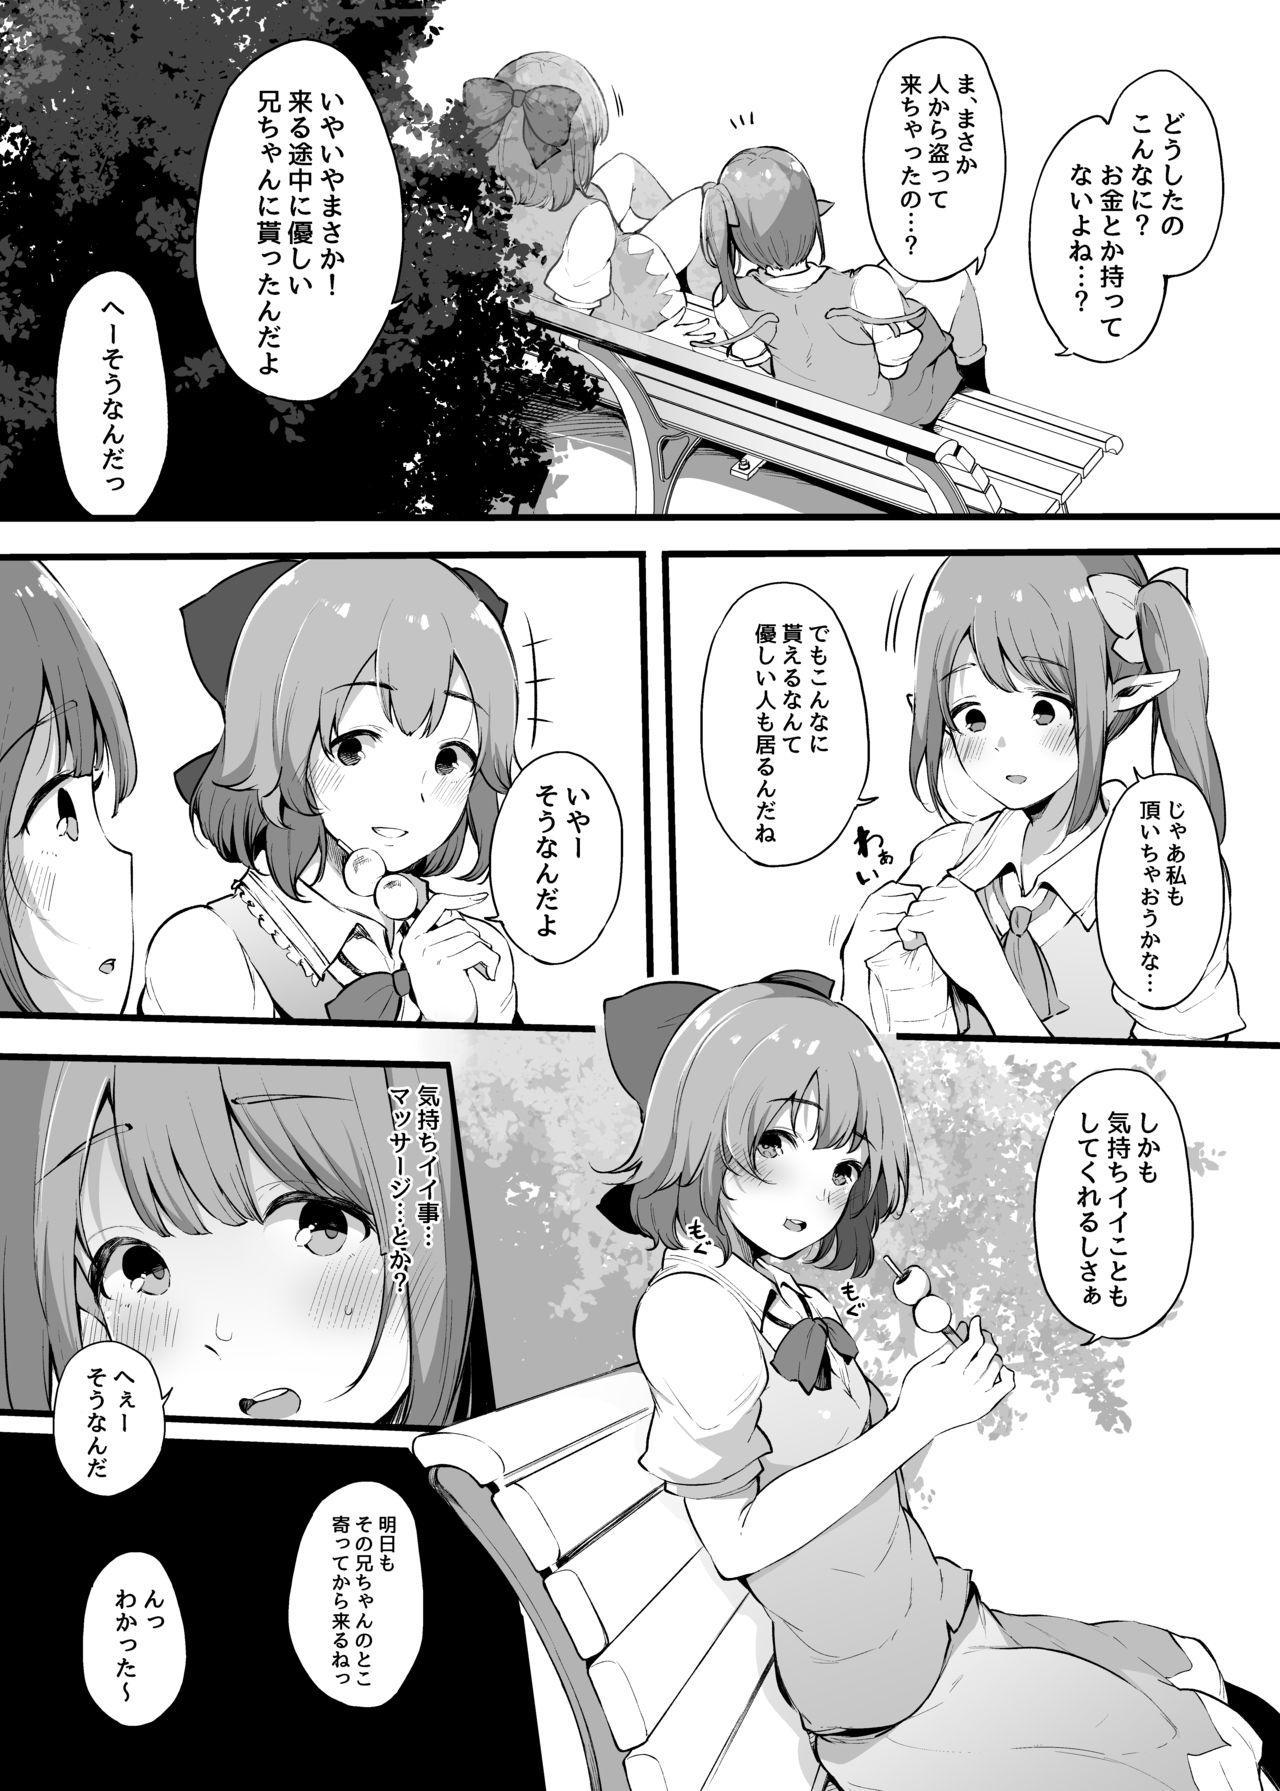 Otona ni Naritai Daiyousei no Hanashi 5